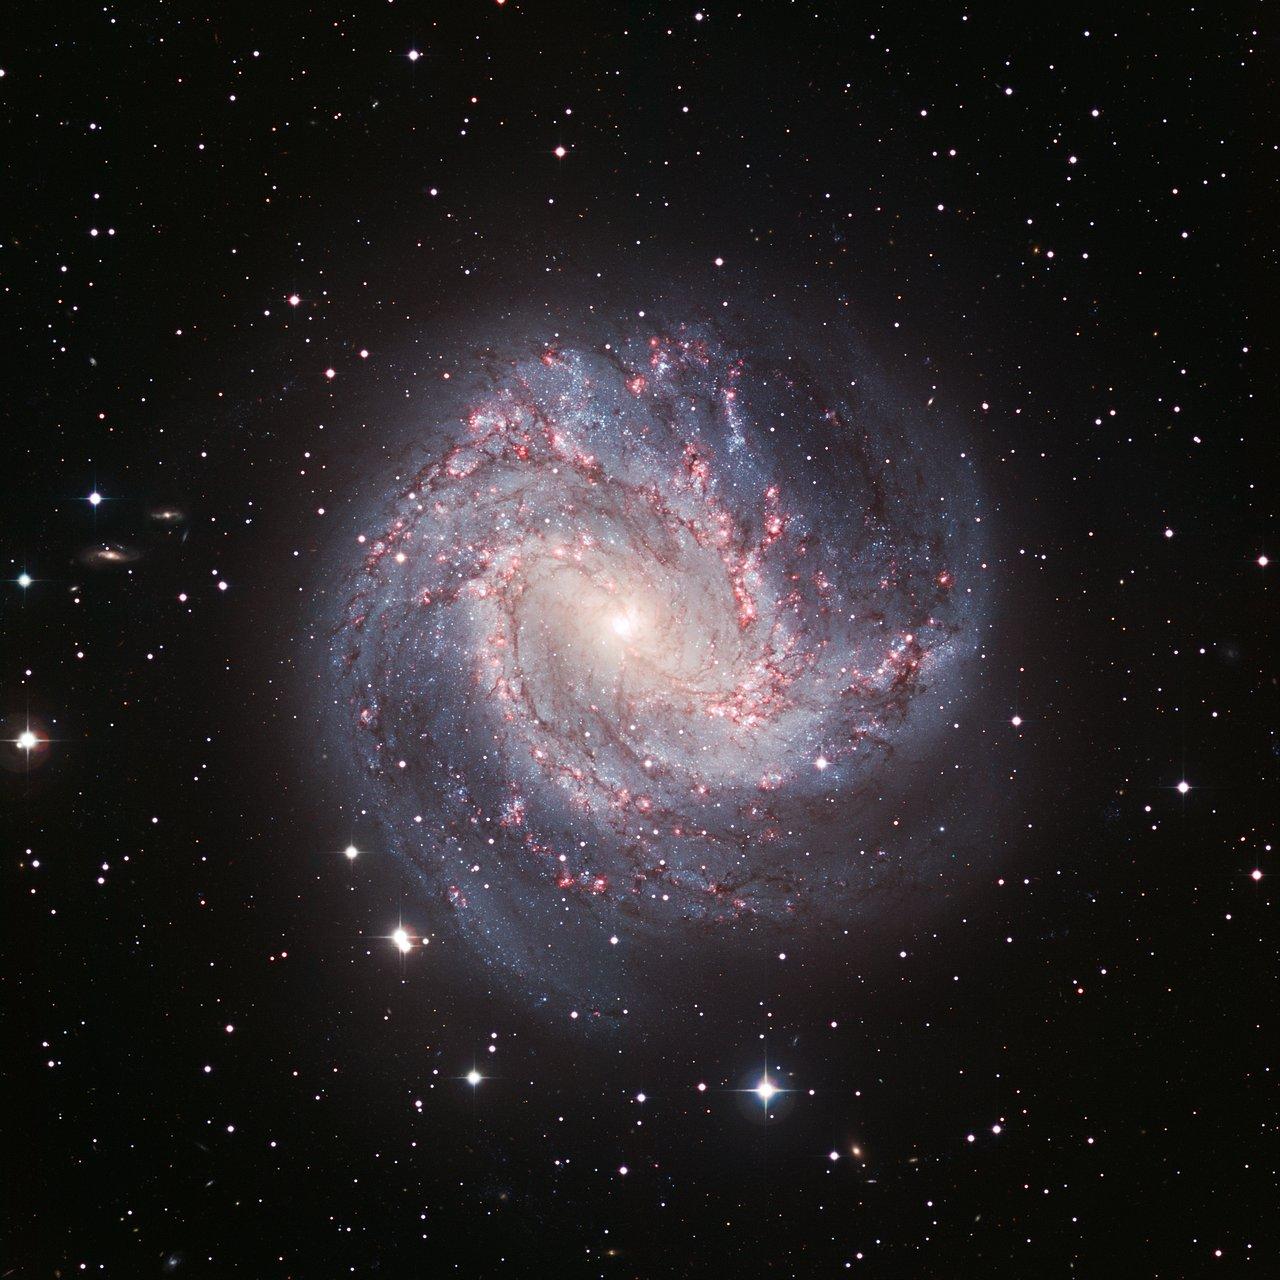 Superbe image détaillée de la galaxie M83